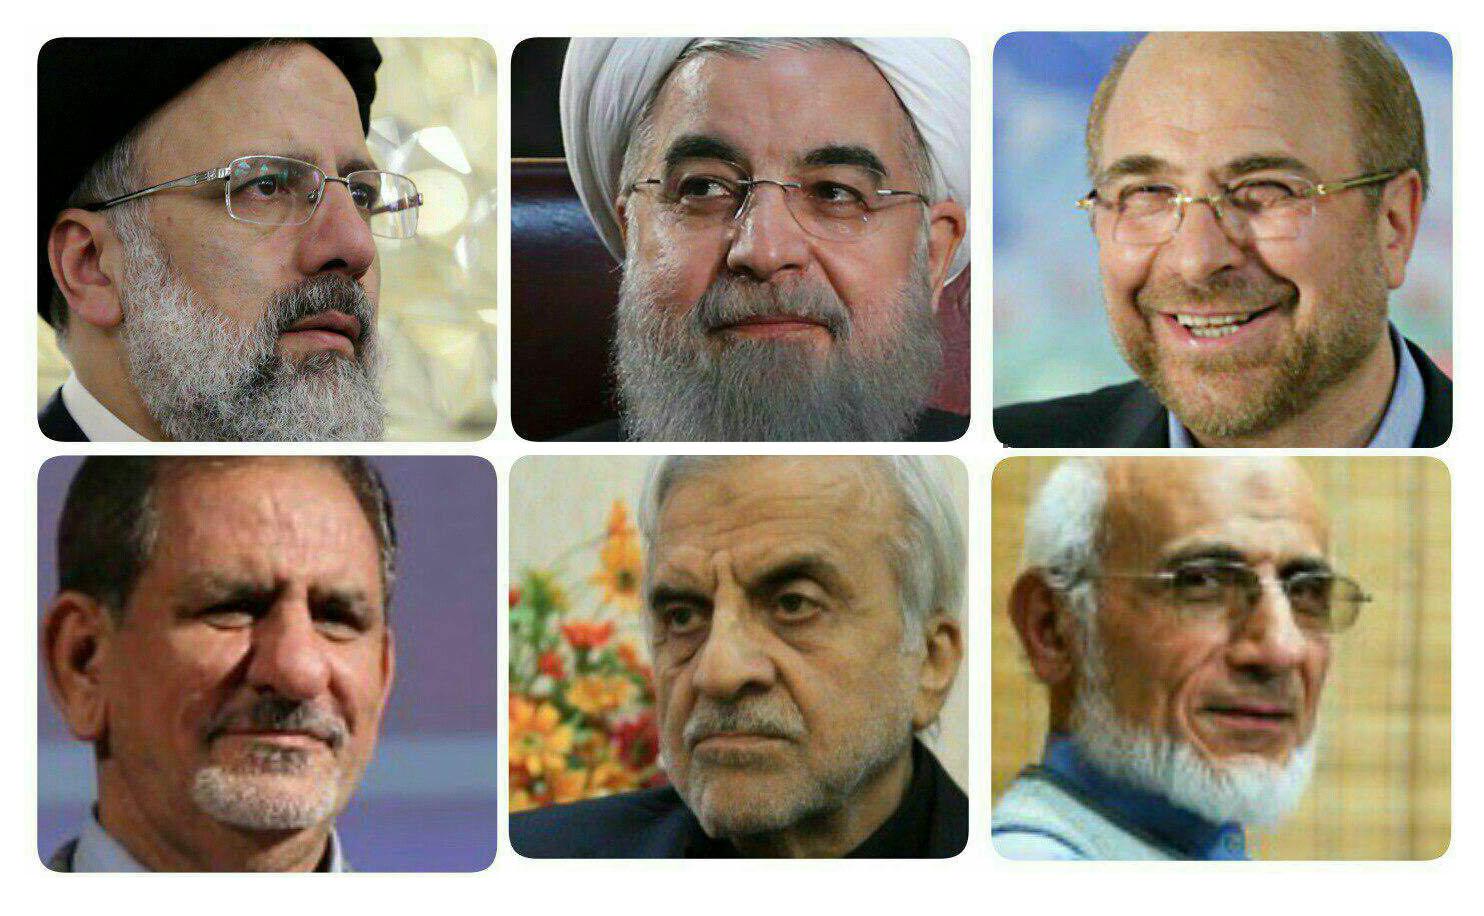 روحانی ، رئیسی ، میرسلیم ، جهانگیری ، هاشمی طبا و قالیباف تایید شدند